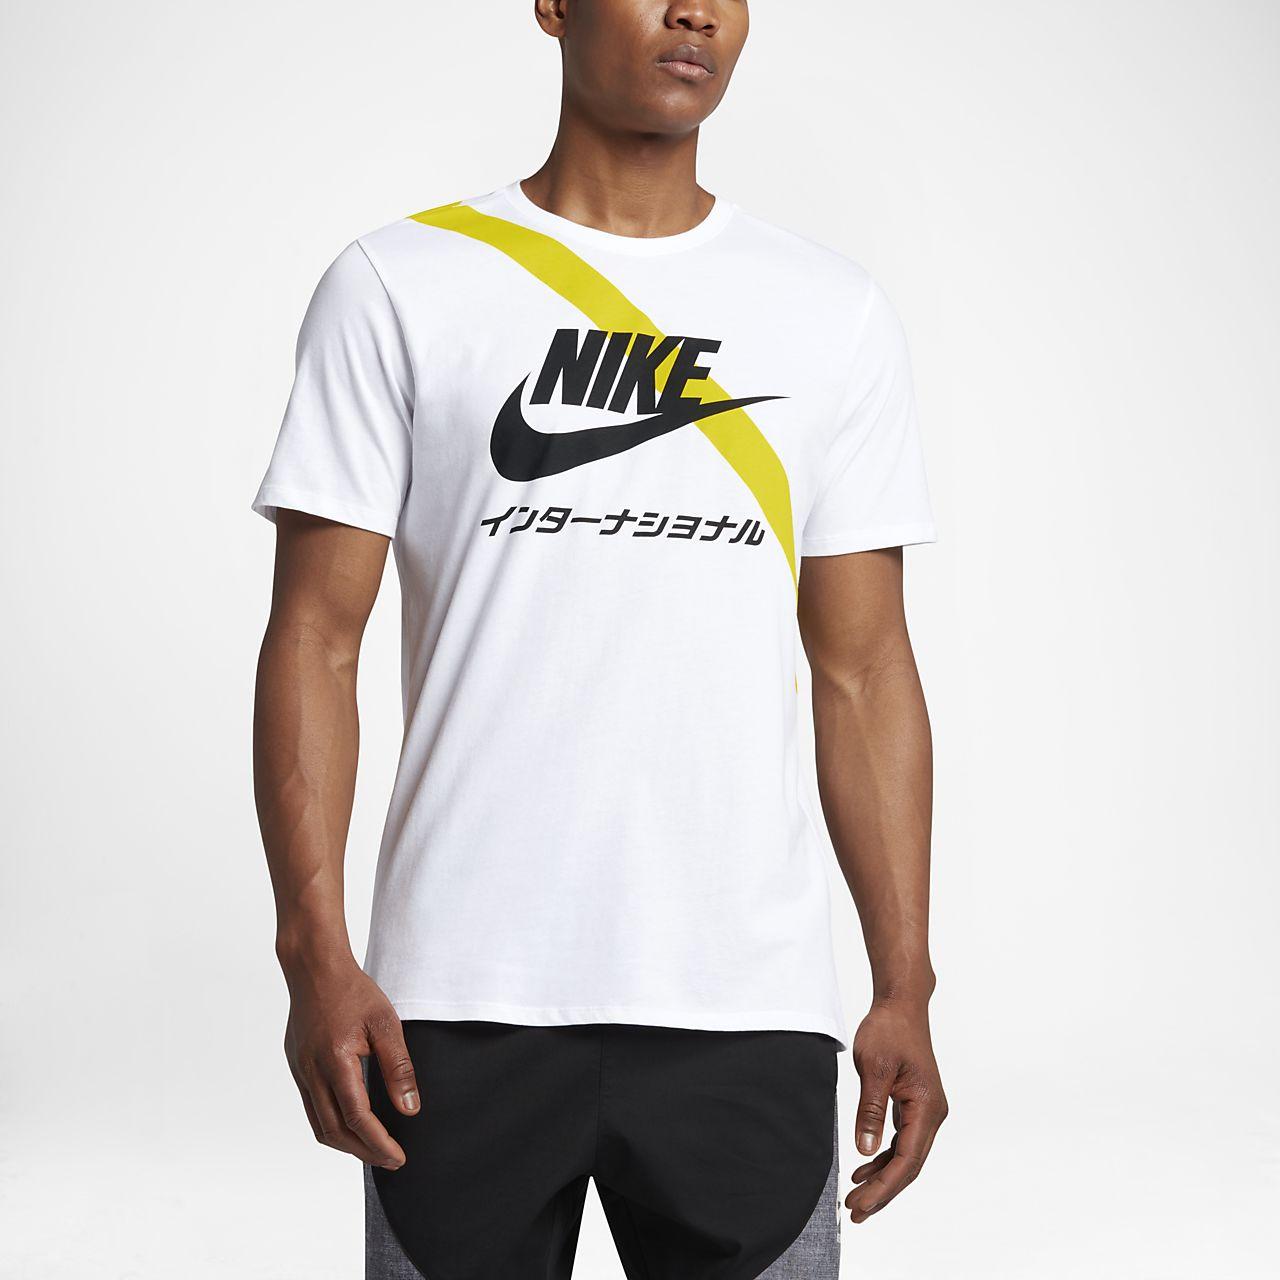 เสื้อยืดผู้ชาย Nike International